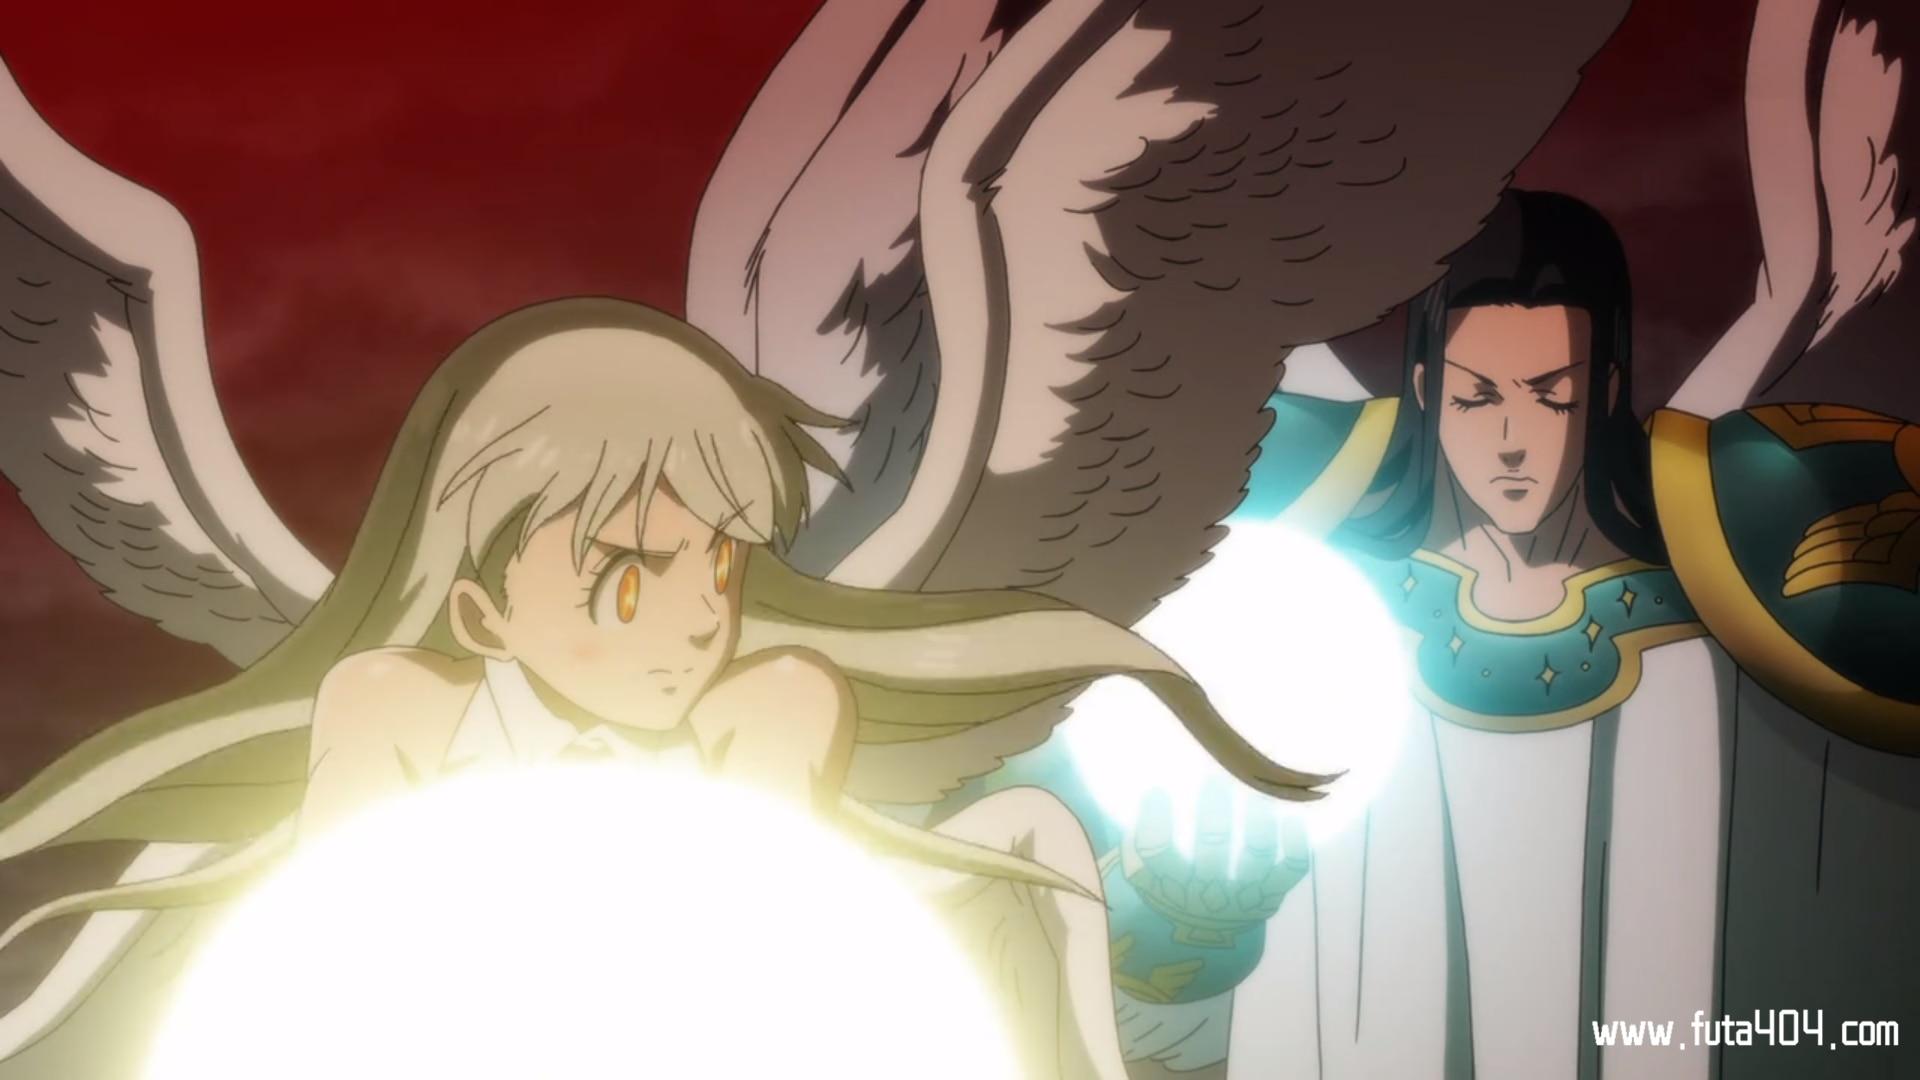 七大罪第3季 诸神的逆鳞 第5话 七大罪第3季 动画在线 第1张